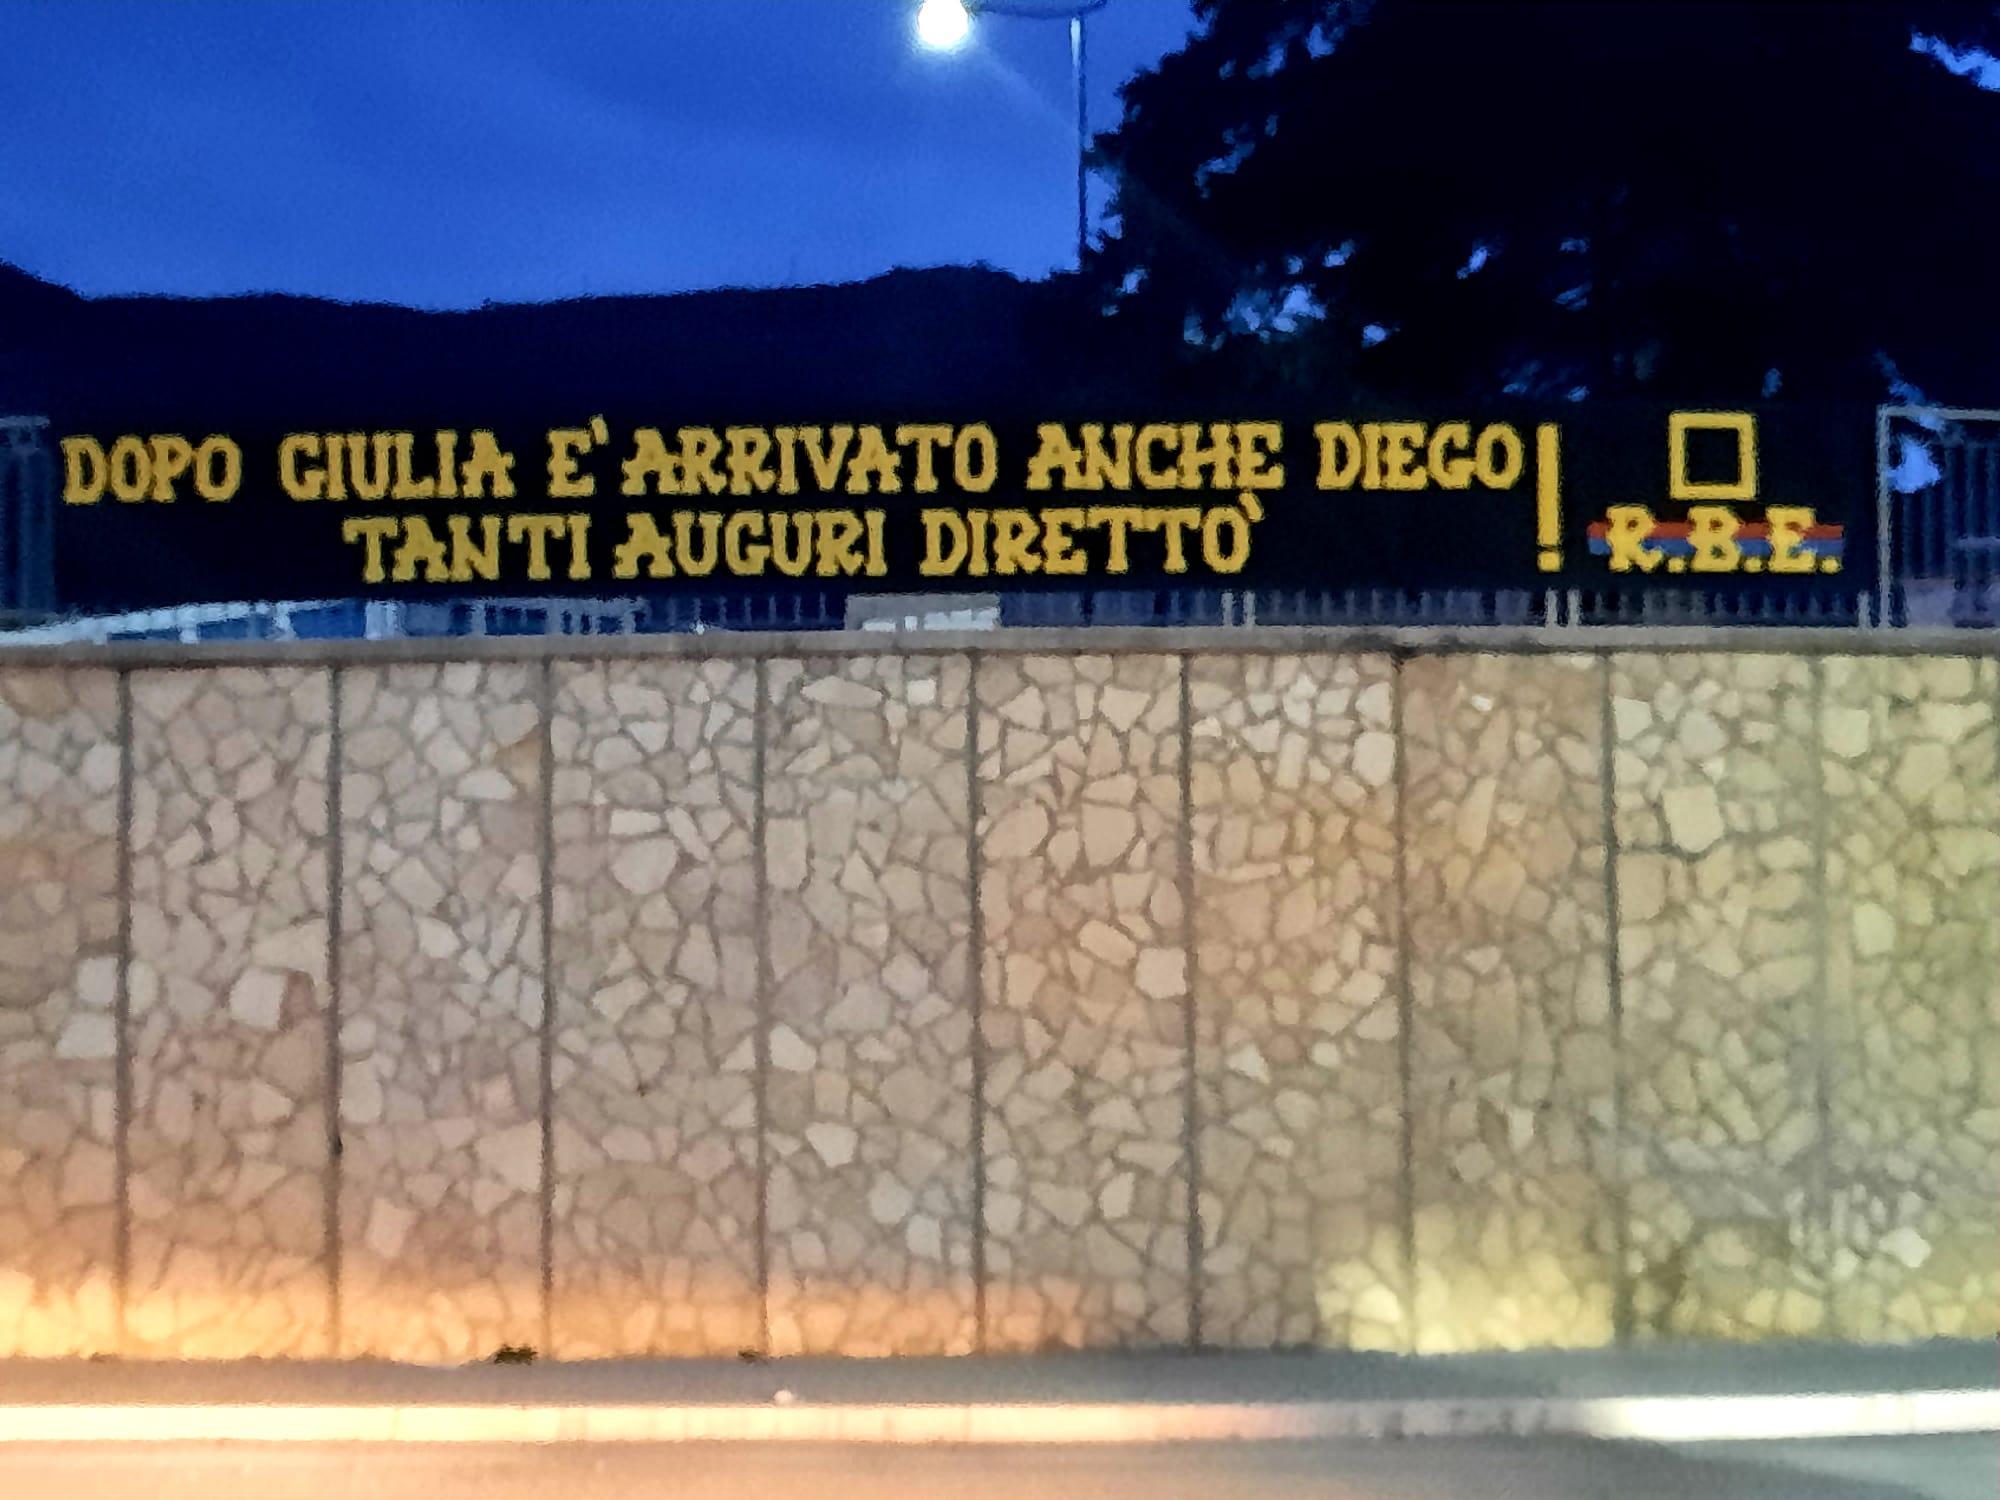 Dopo Giulia è arrivato anche Diego Tanti auguri direttò! 16/02/2021